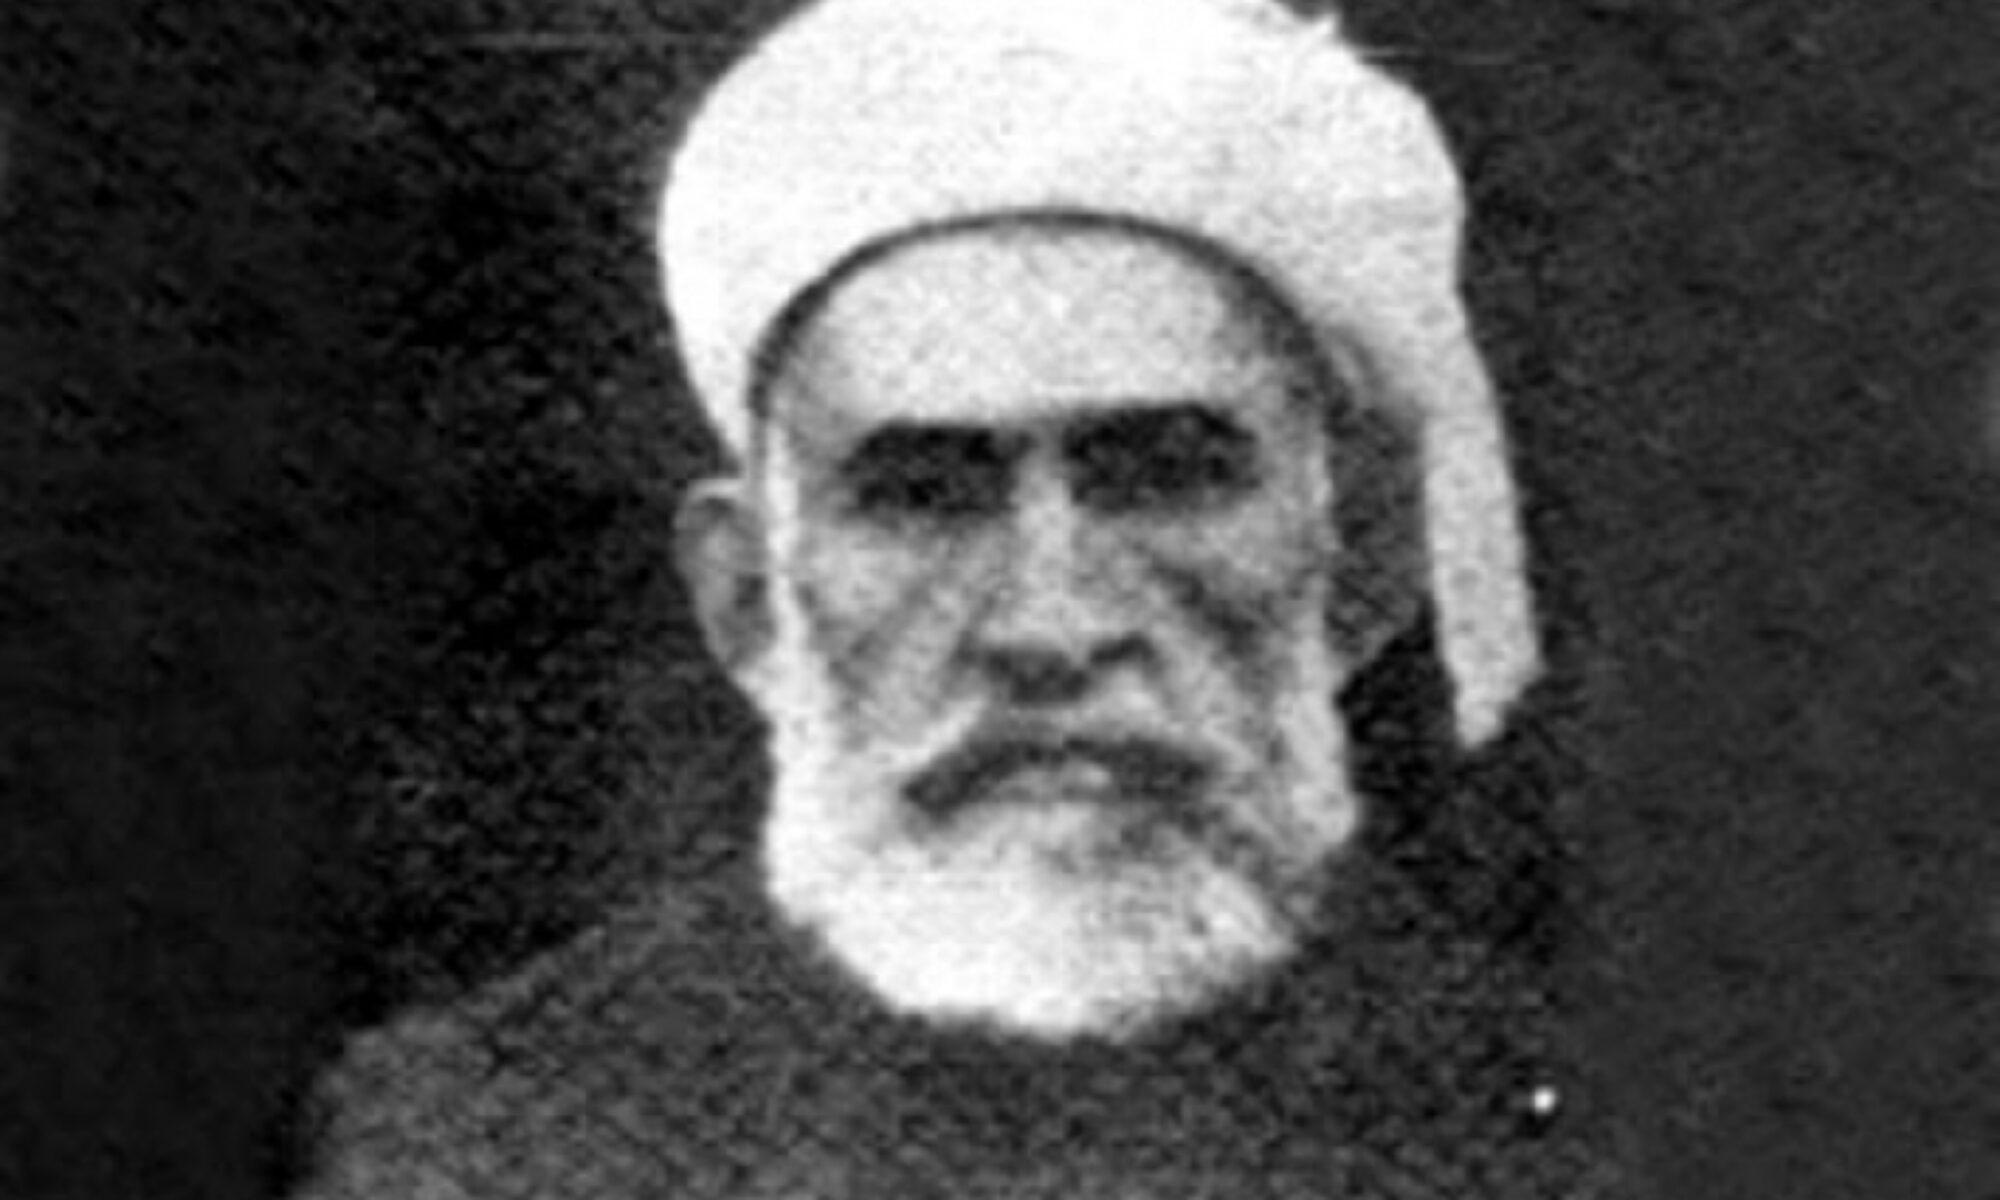 PAK: İdam edilişlerinin 96. yıl dönümünde 5 Kürt yurtseverini saygıyla anıyoruz